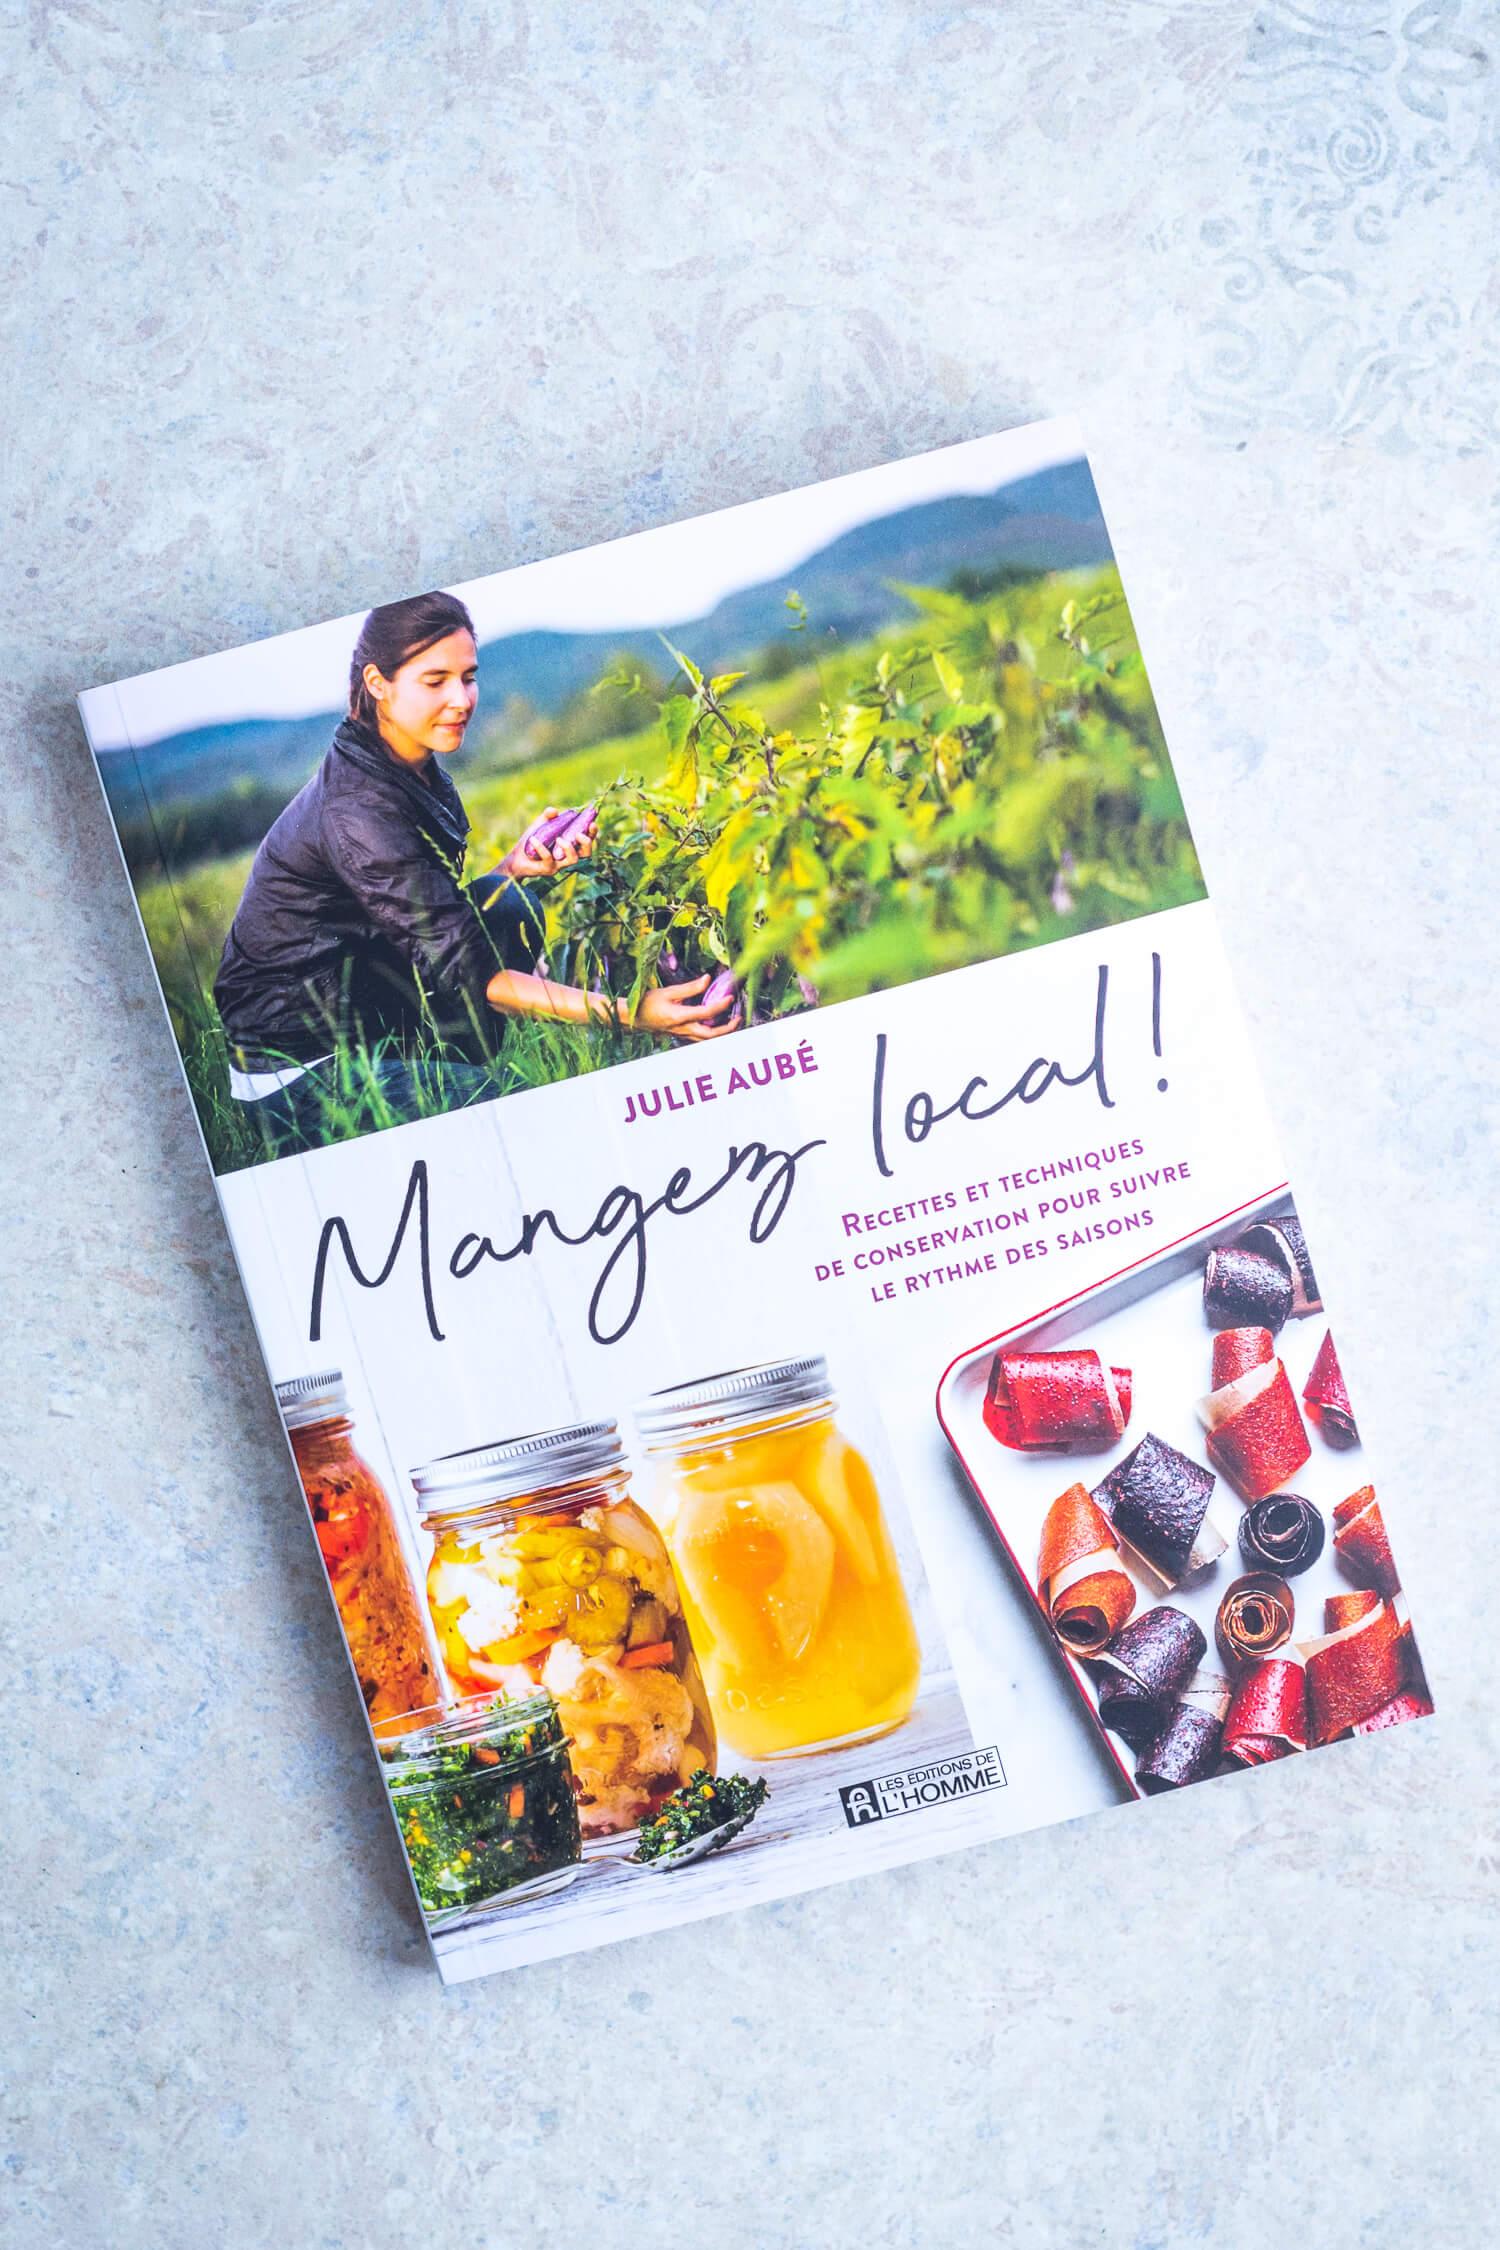 Mangez local! Le livre de Julie Aubé